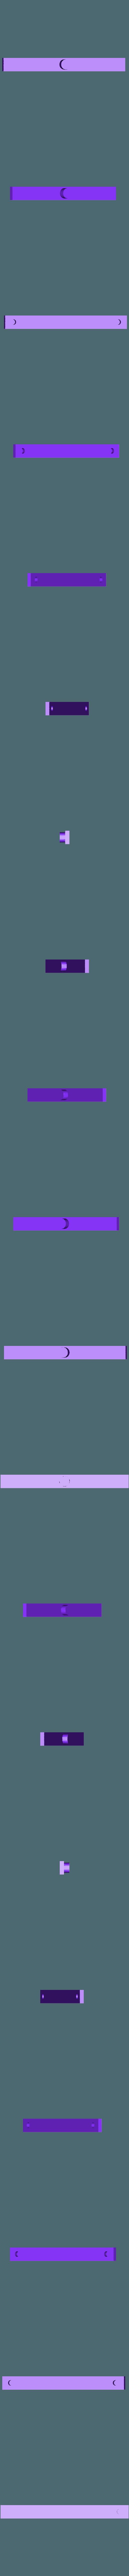 fence_BAR.stl Télécharger fichier STL gratuit Dépôt de train à l'échelle 1:87 HO avec table tournante • Plan pour imprimante 3D, nenchev